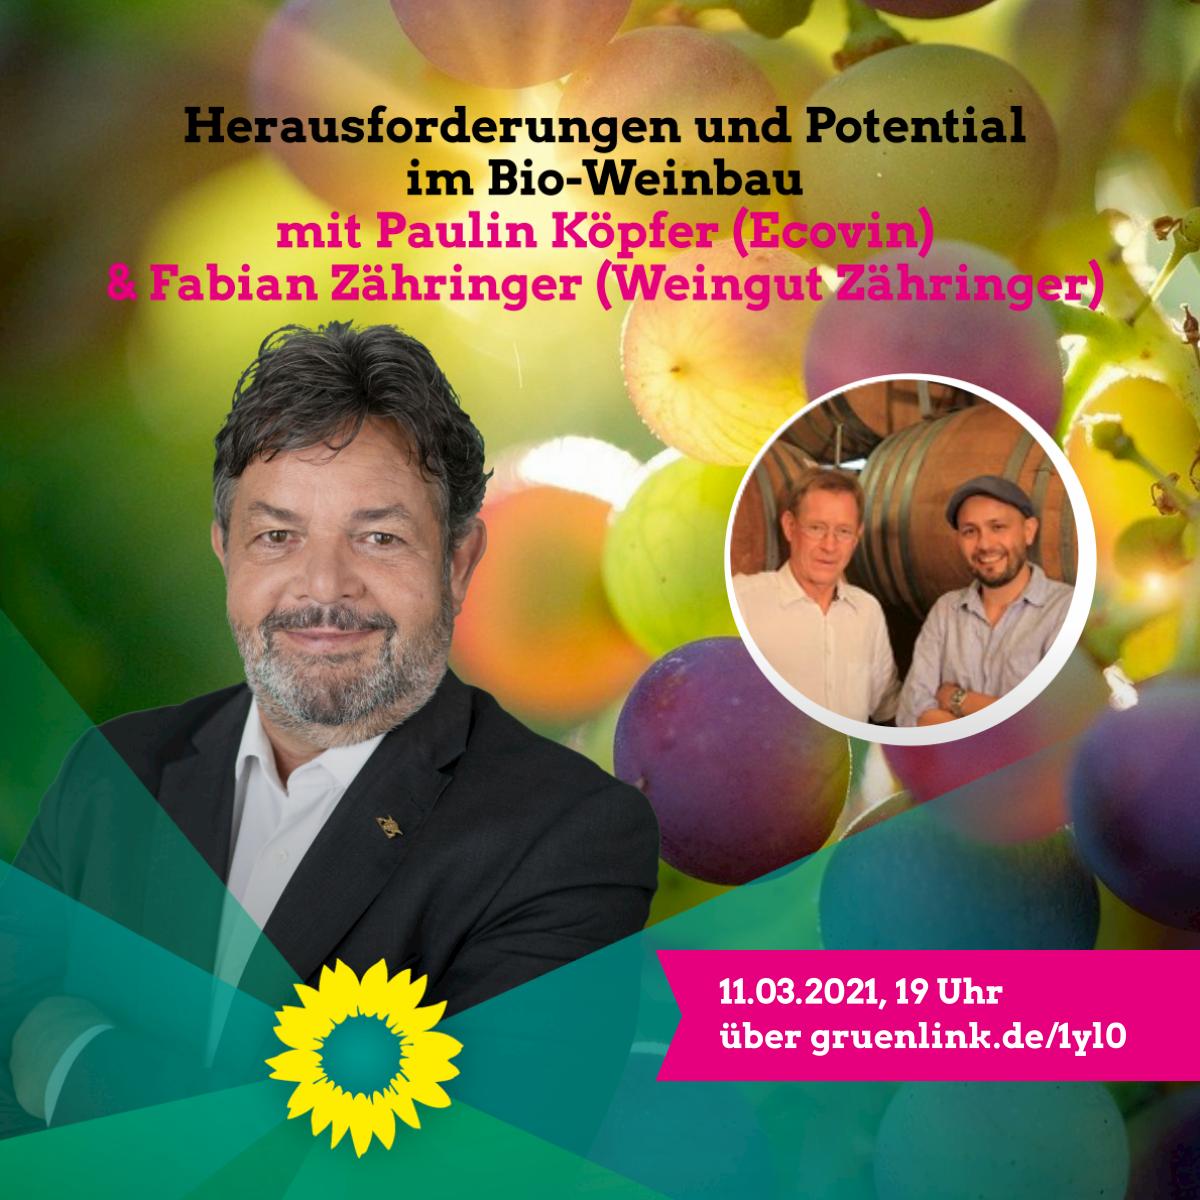 Reinhold Pix: Herausforderungen und Potenzial im Bio-Weinbau